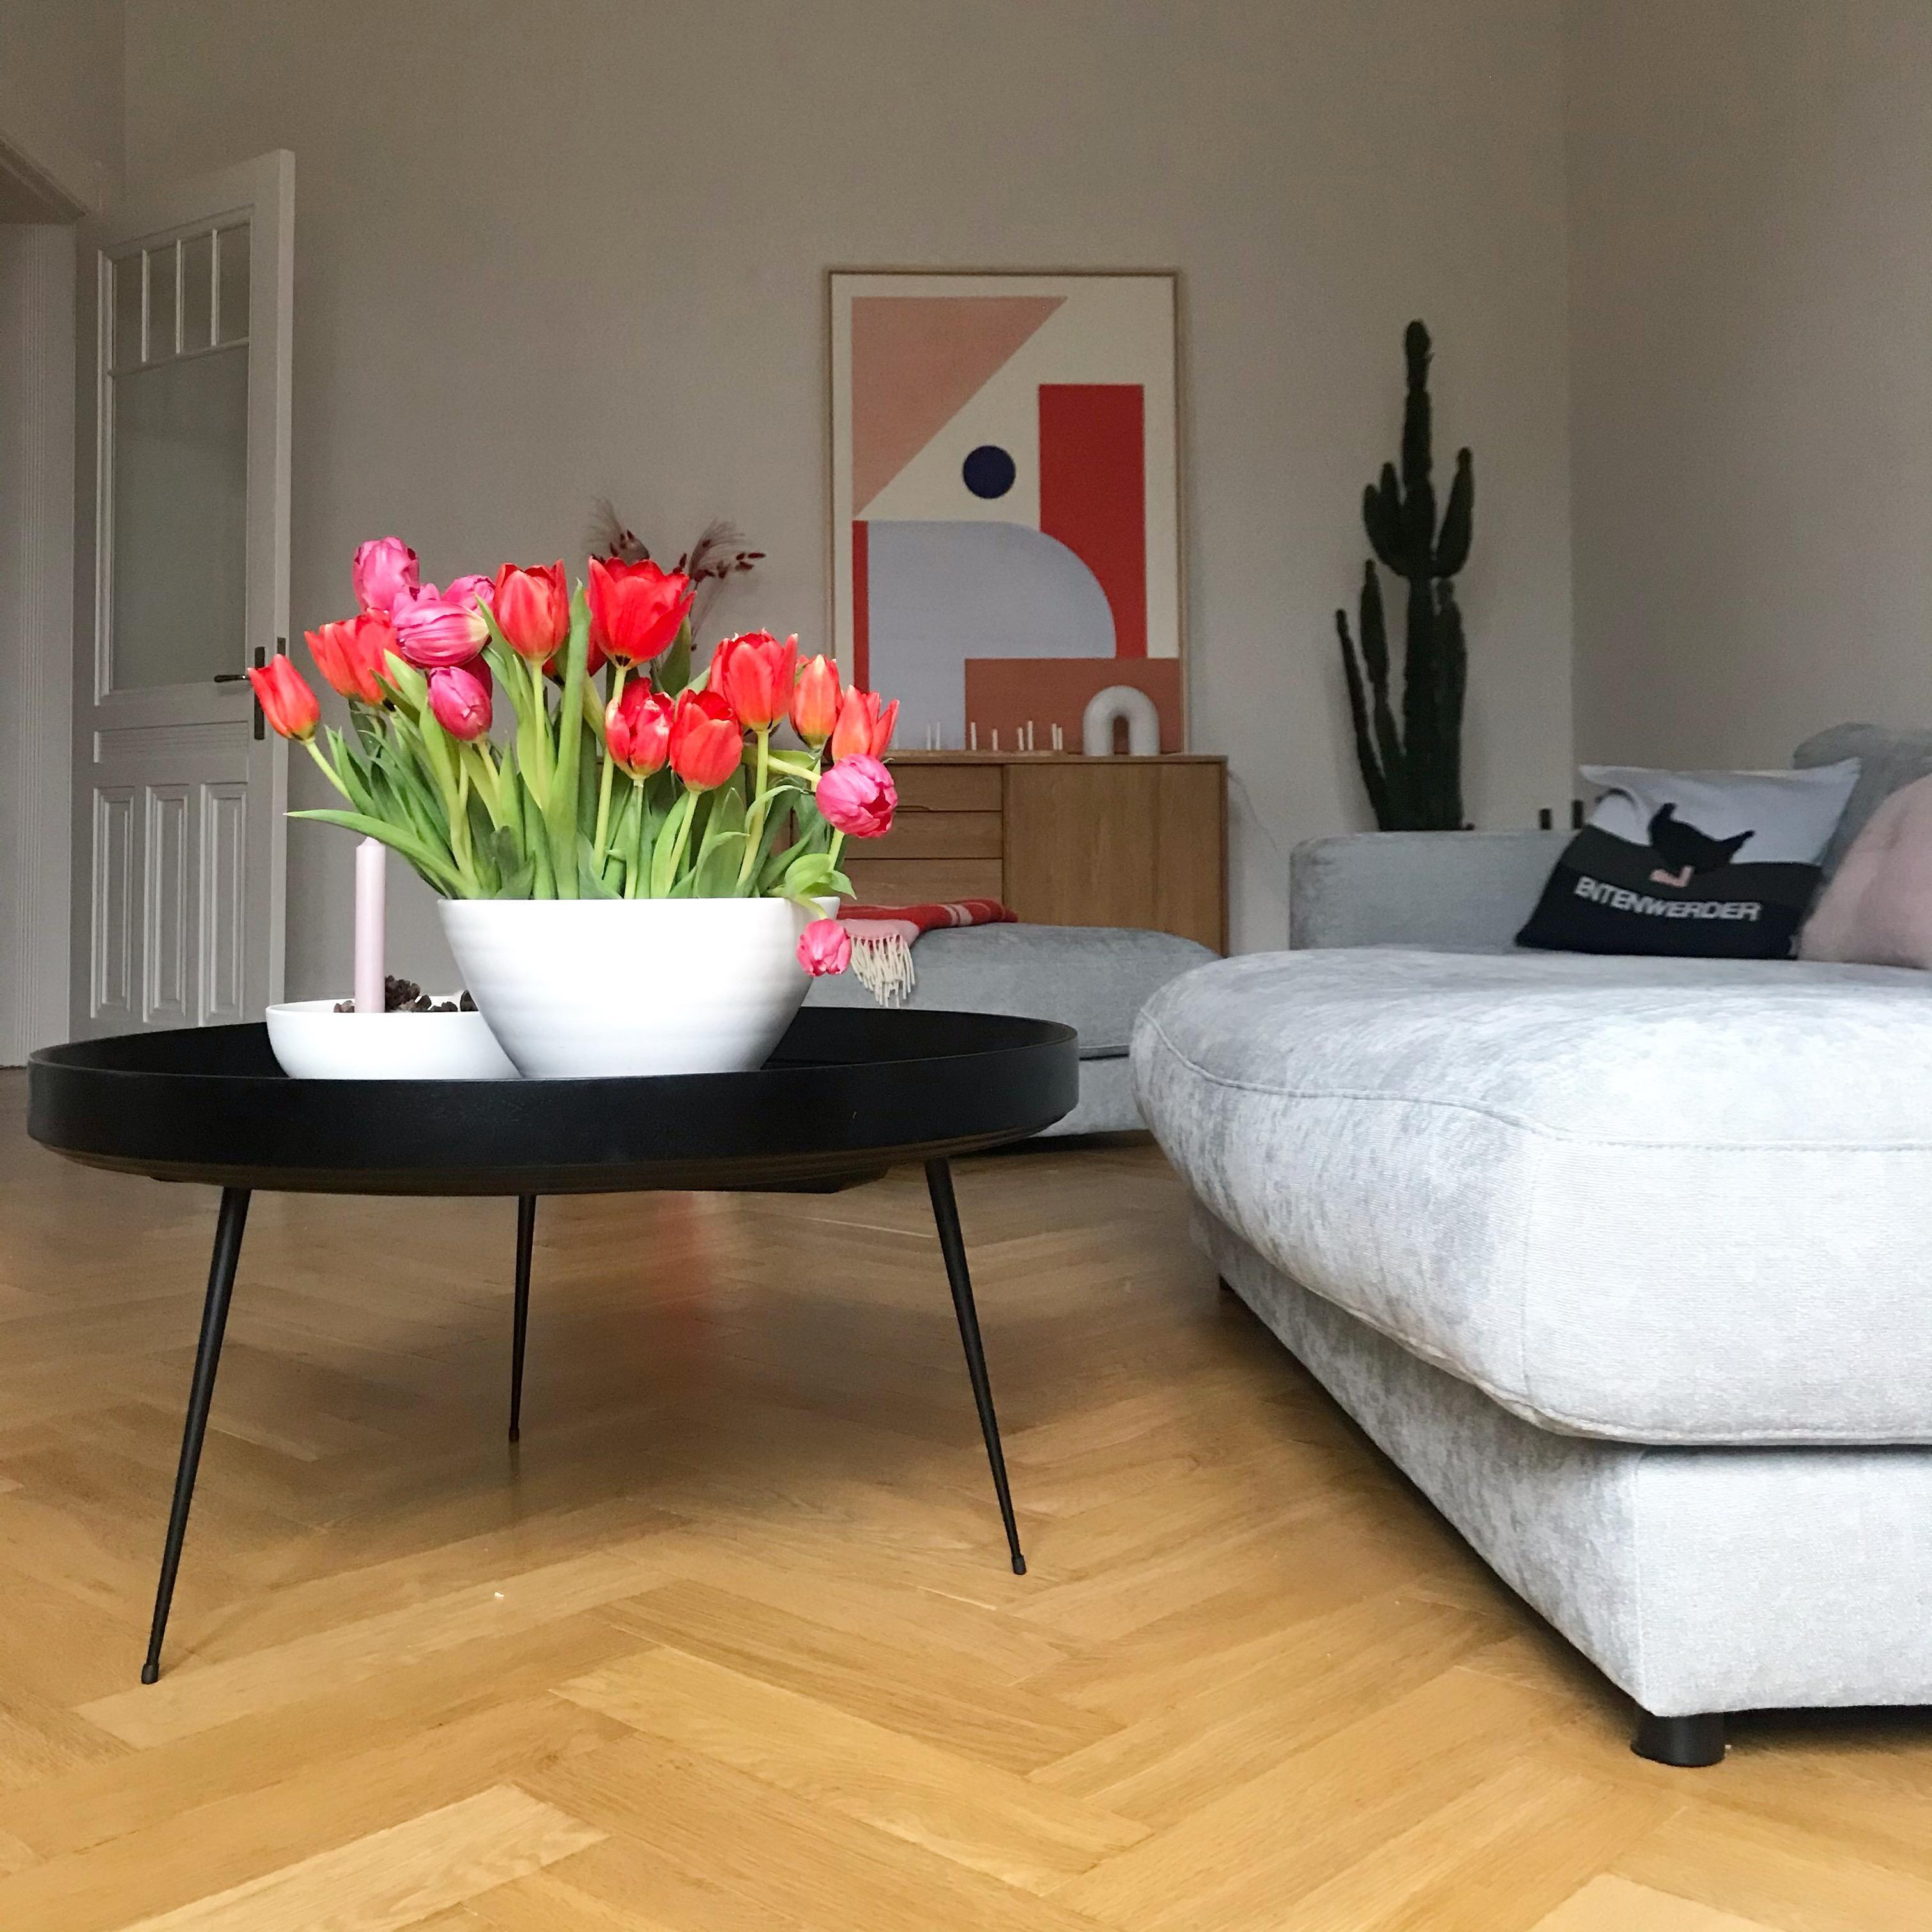 Scandistyle Bilder Ideen Couch